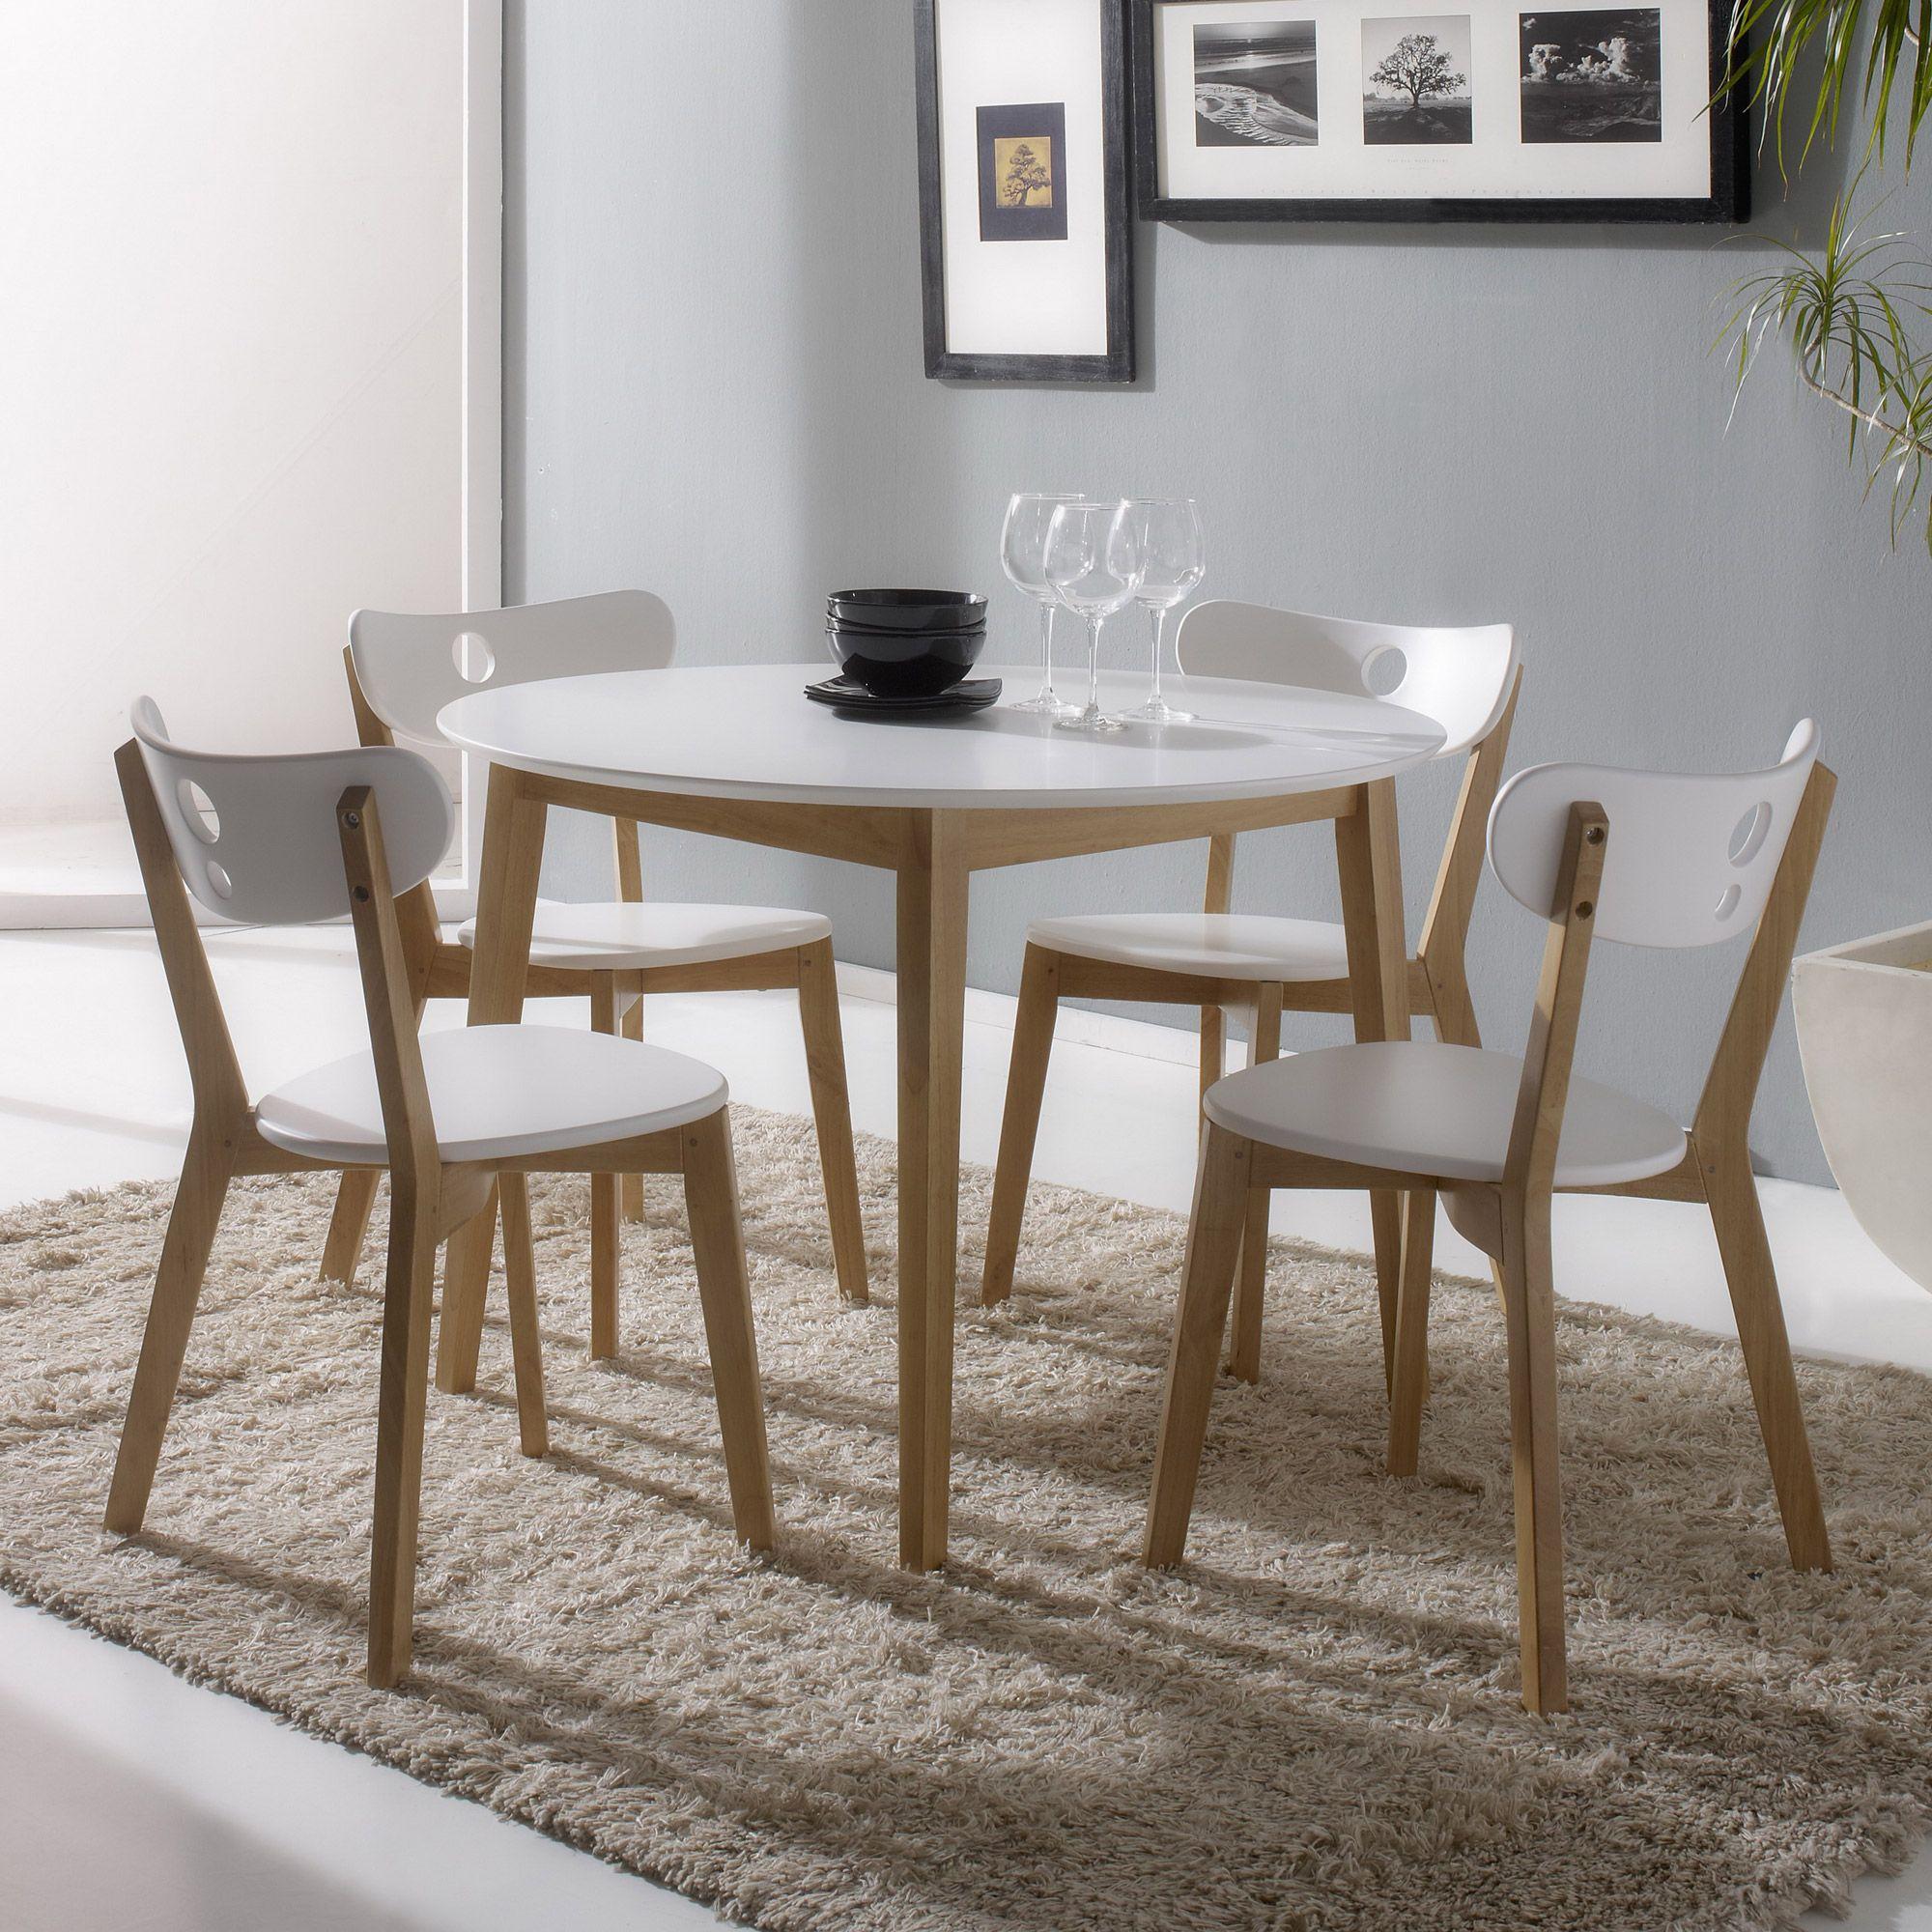 ensemble table de salle manger ronde et 4 chaises en bois hida kaligrafik